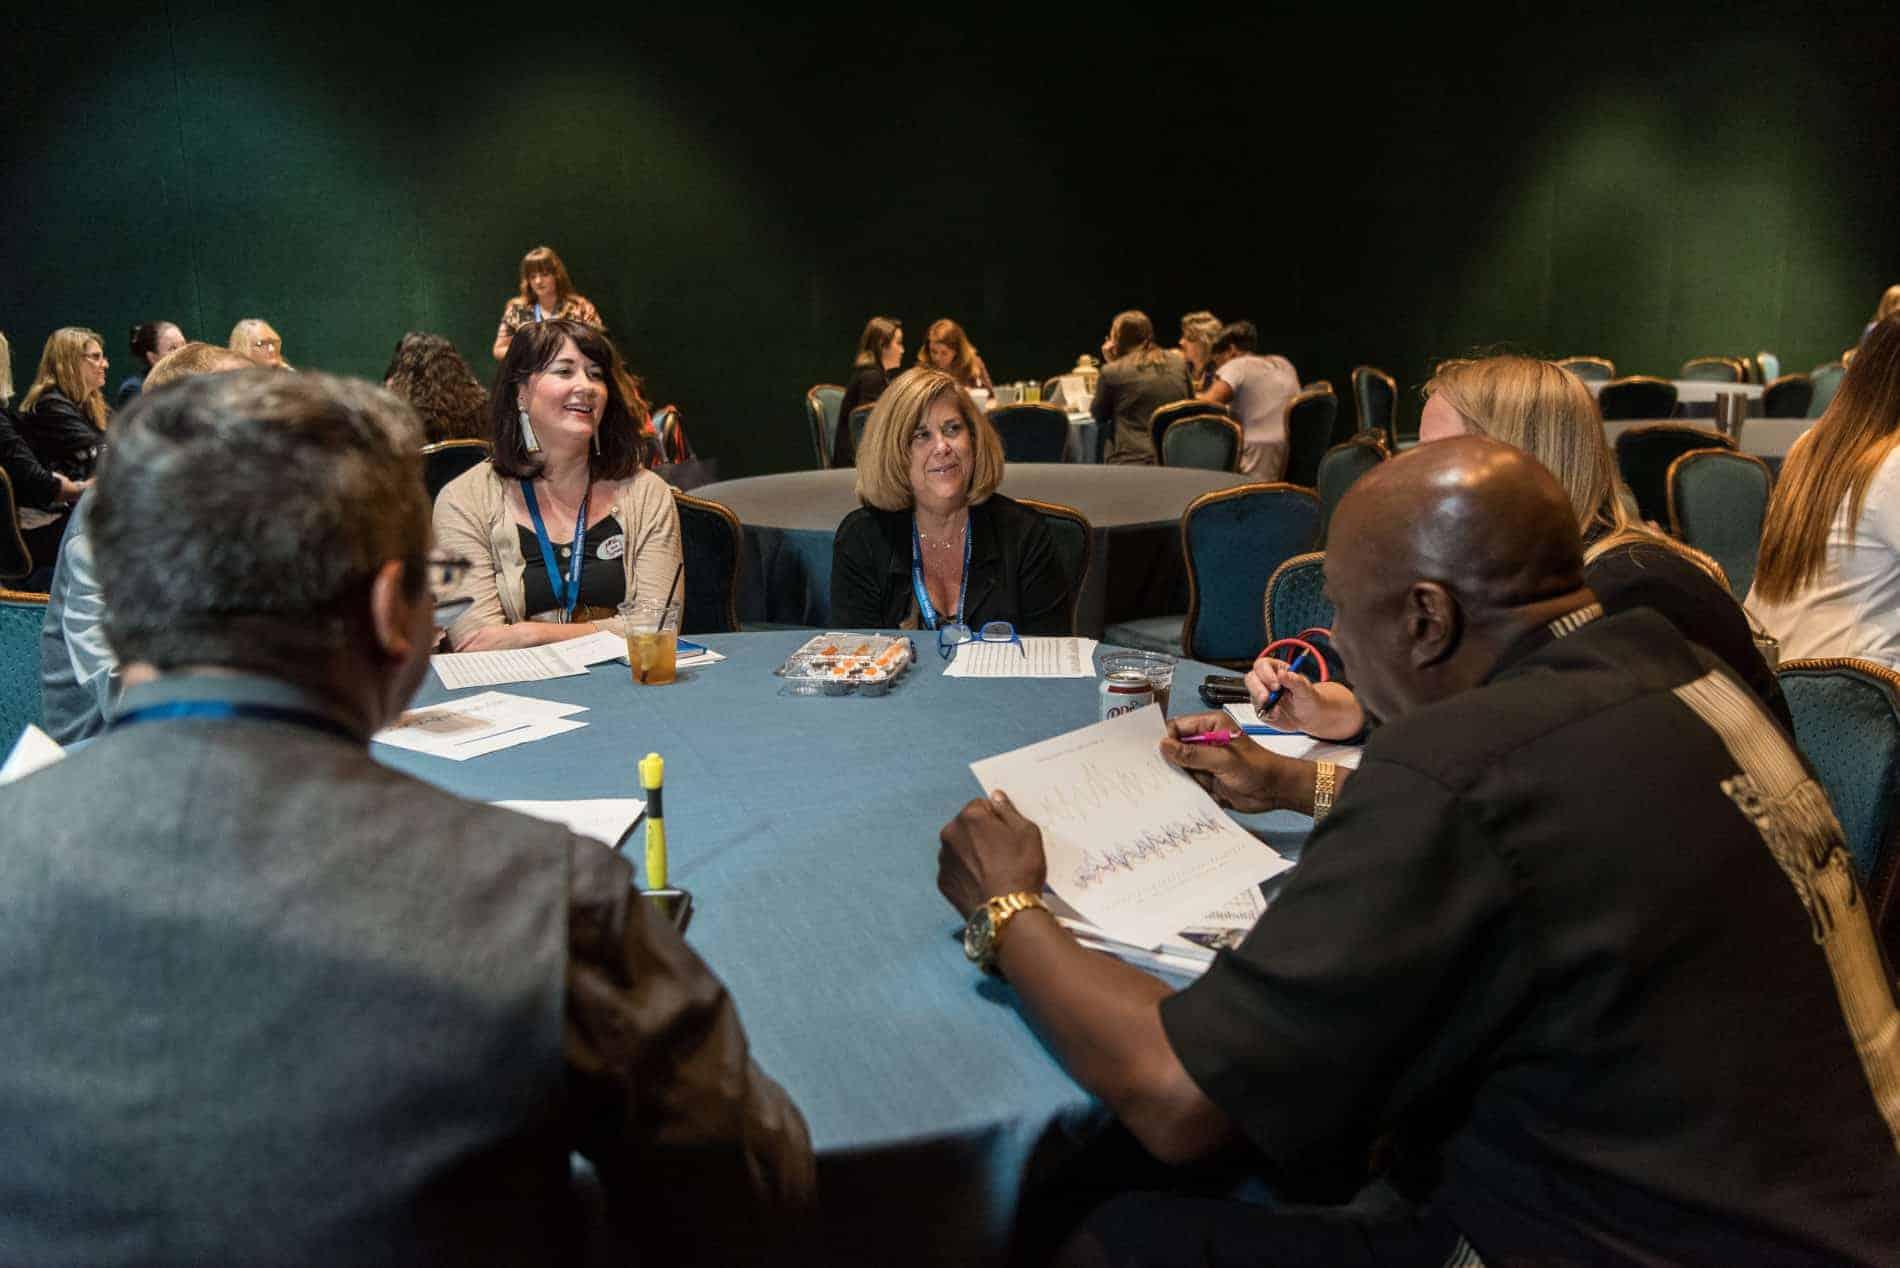 Amazing CFWA Wedding Education Conference The Summit Roundtable